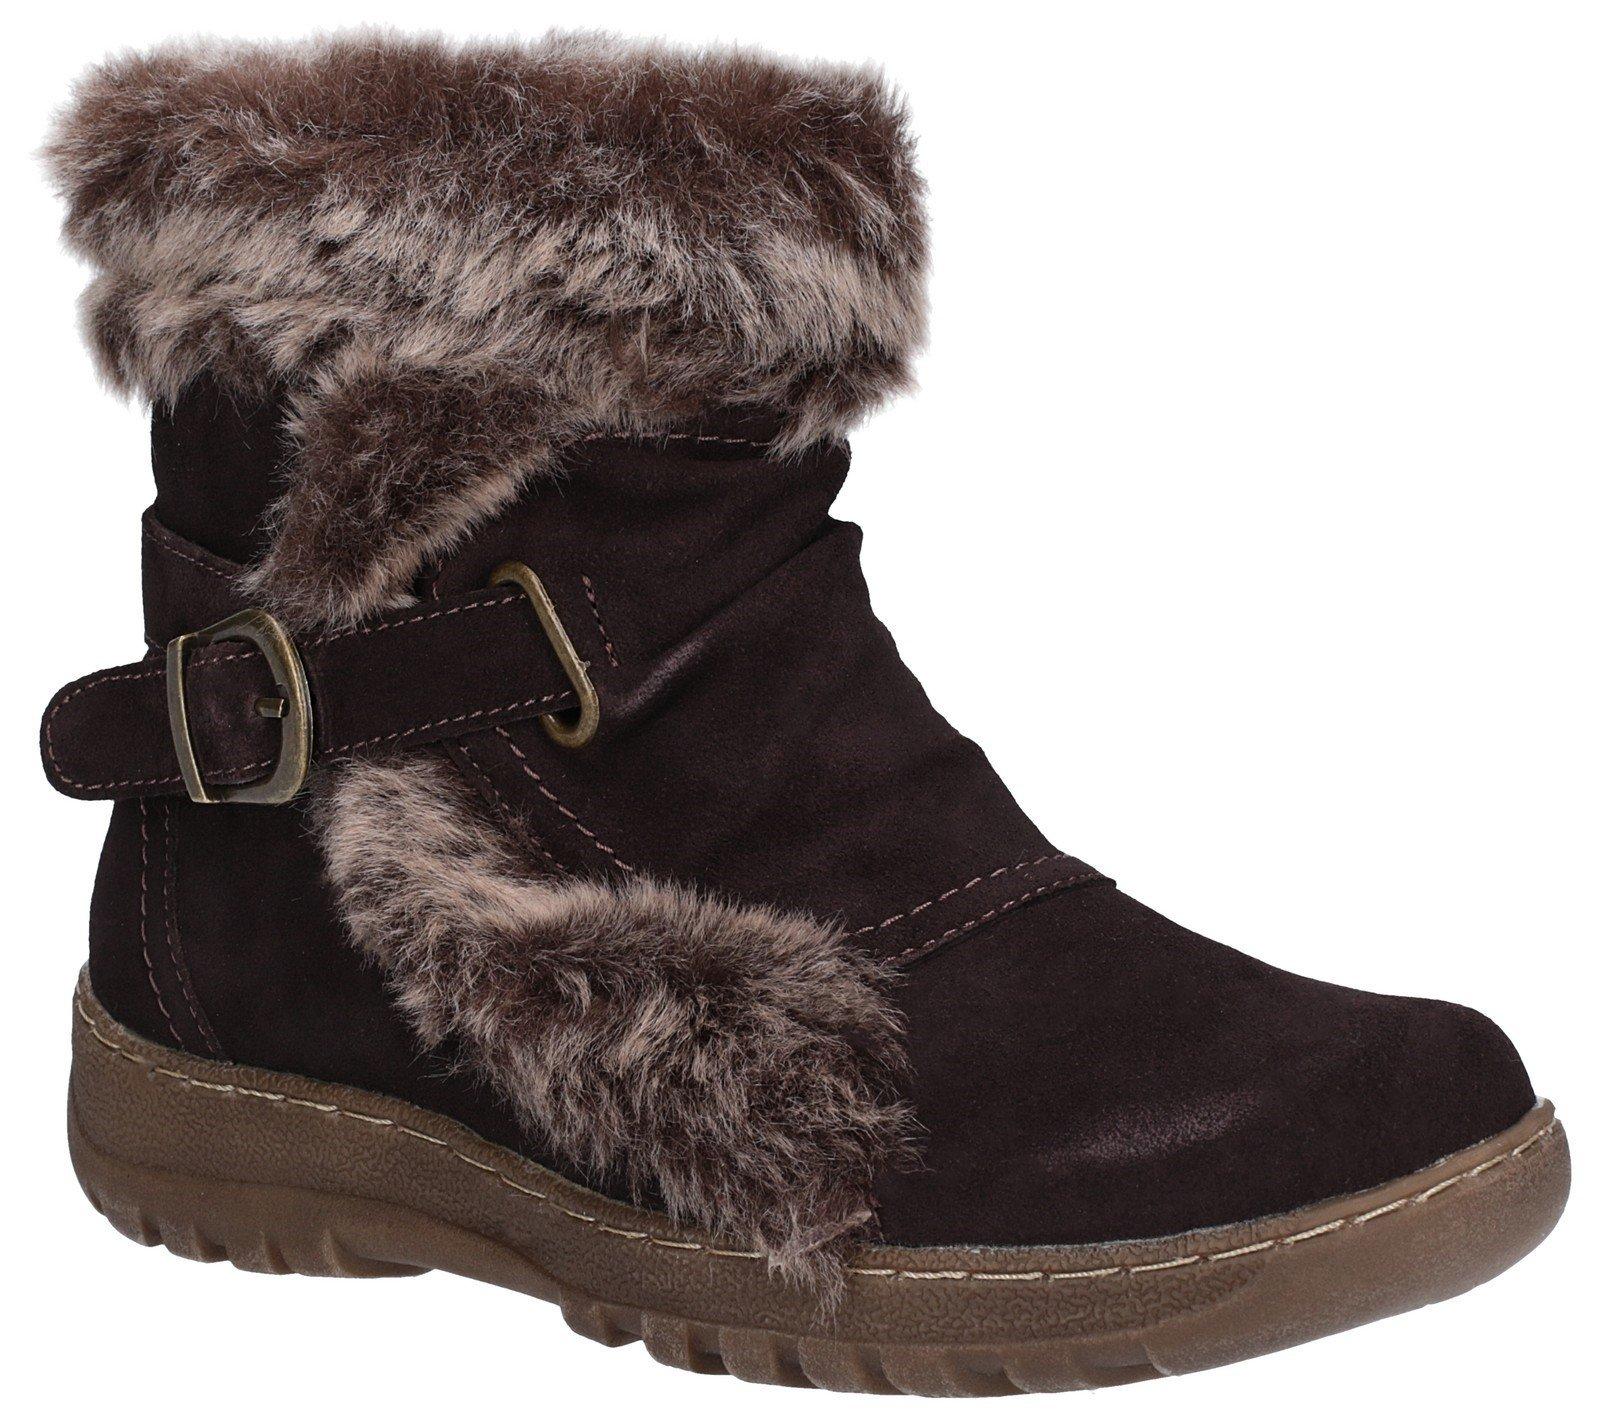 Fleet & Foster Women's Ginny Ankle Boot Brown 27143-45598 - Dark Brown 3